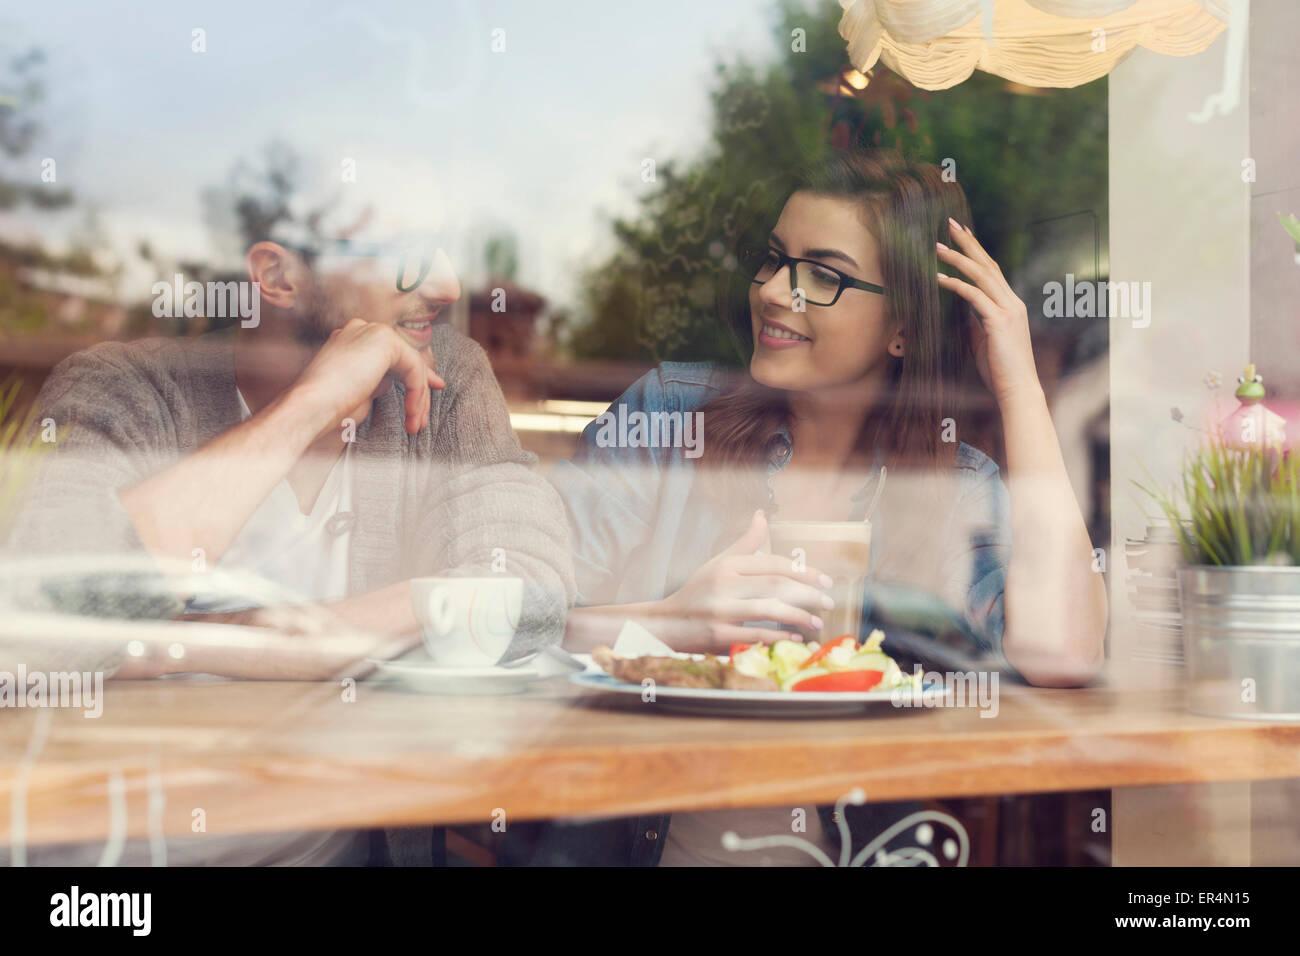 Jeune couple sur une date au restaurant. Cracovie, Pologne Photo Stock